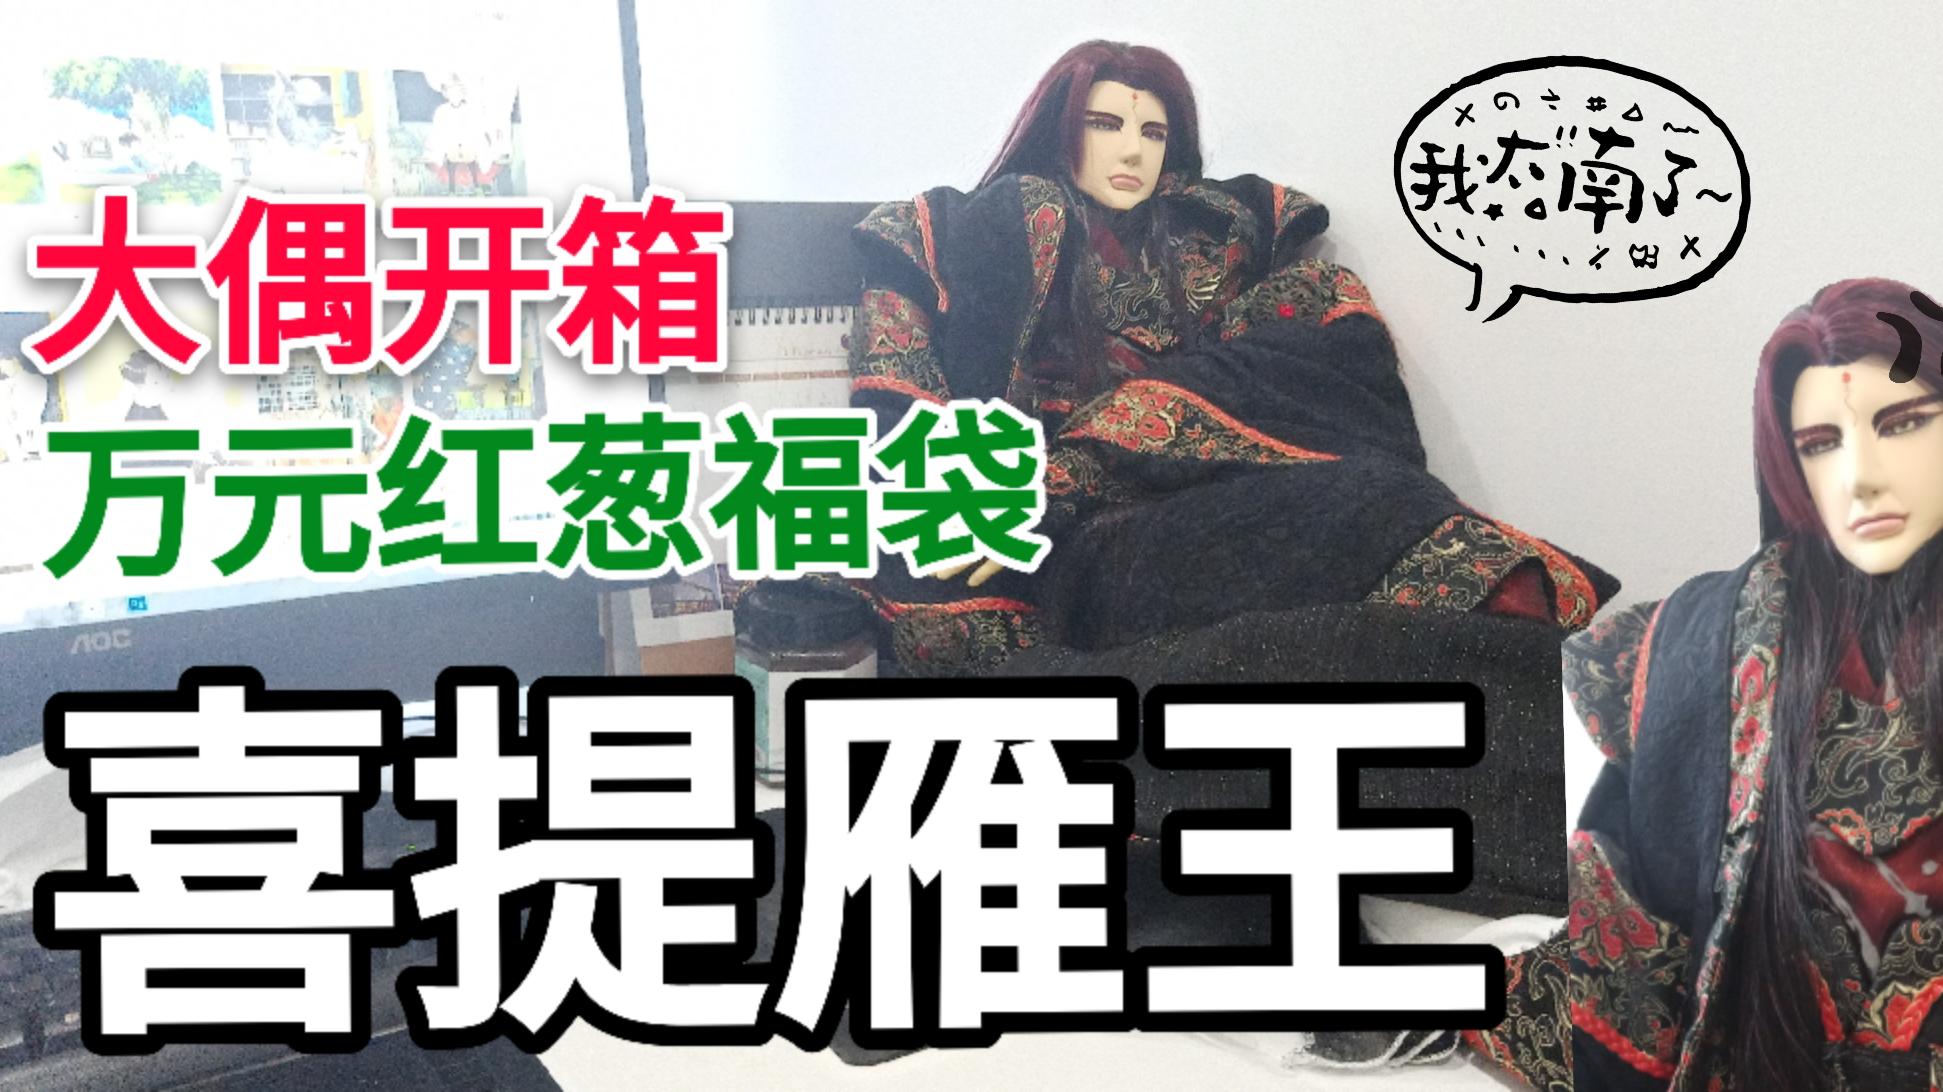 【A等生】【次元】办公室开箱万元福袋雁王大偶!!!